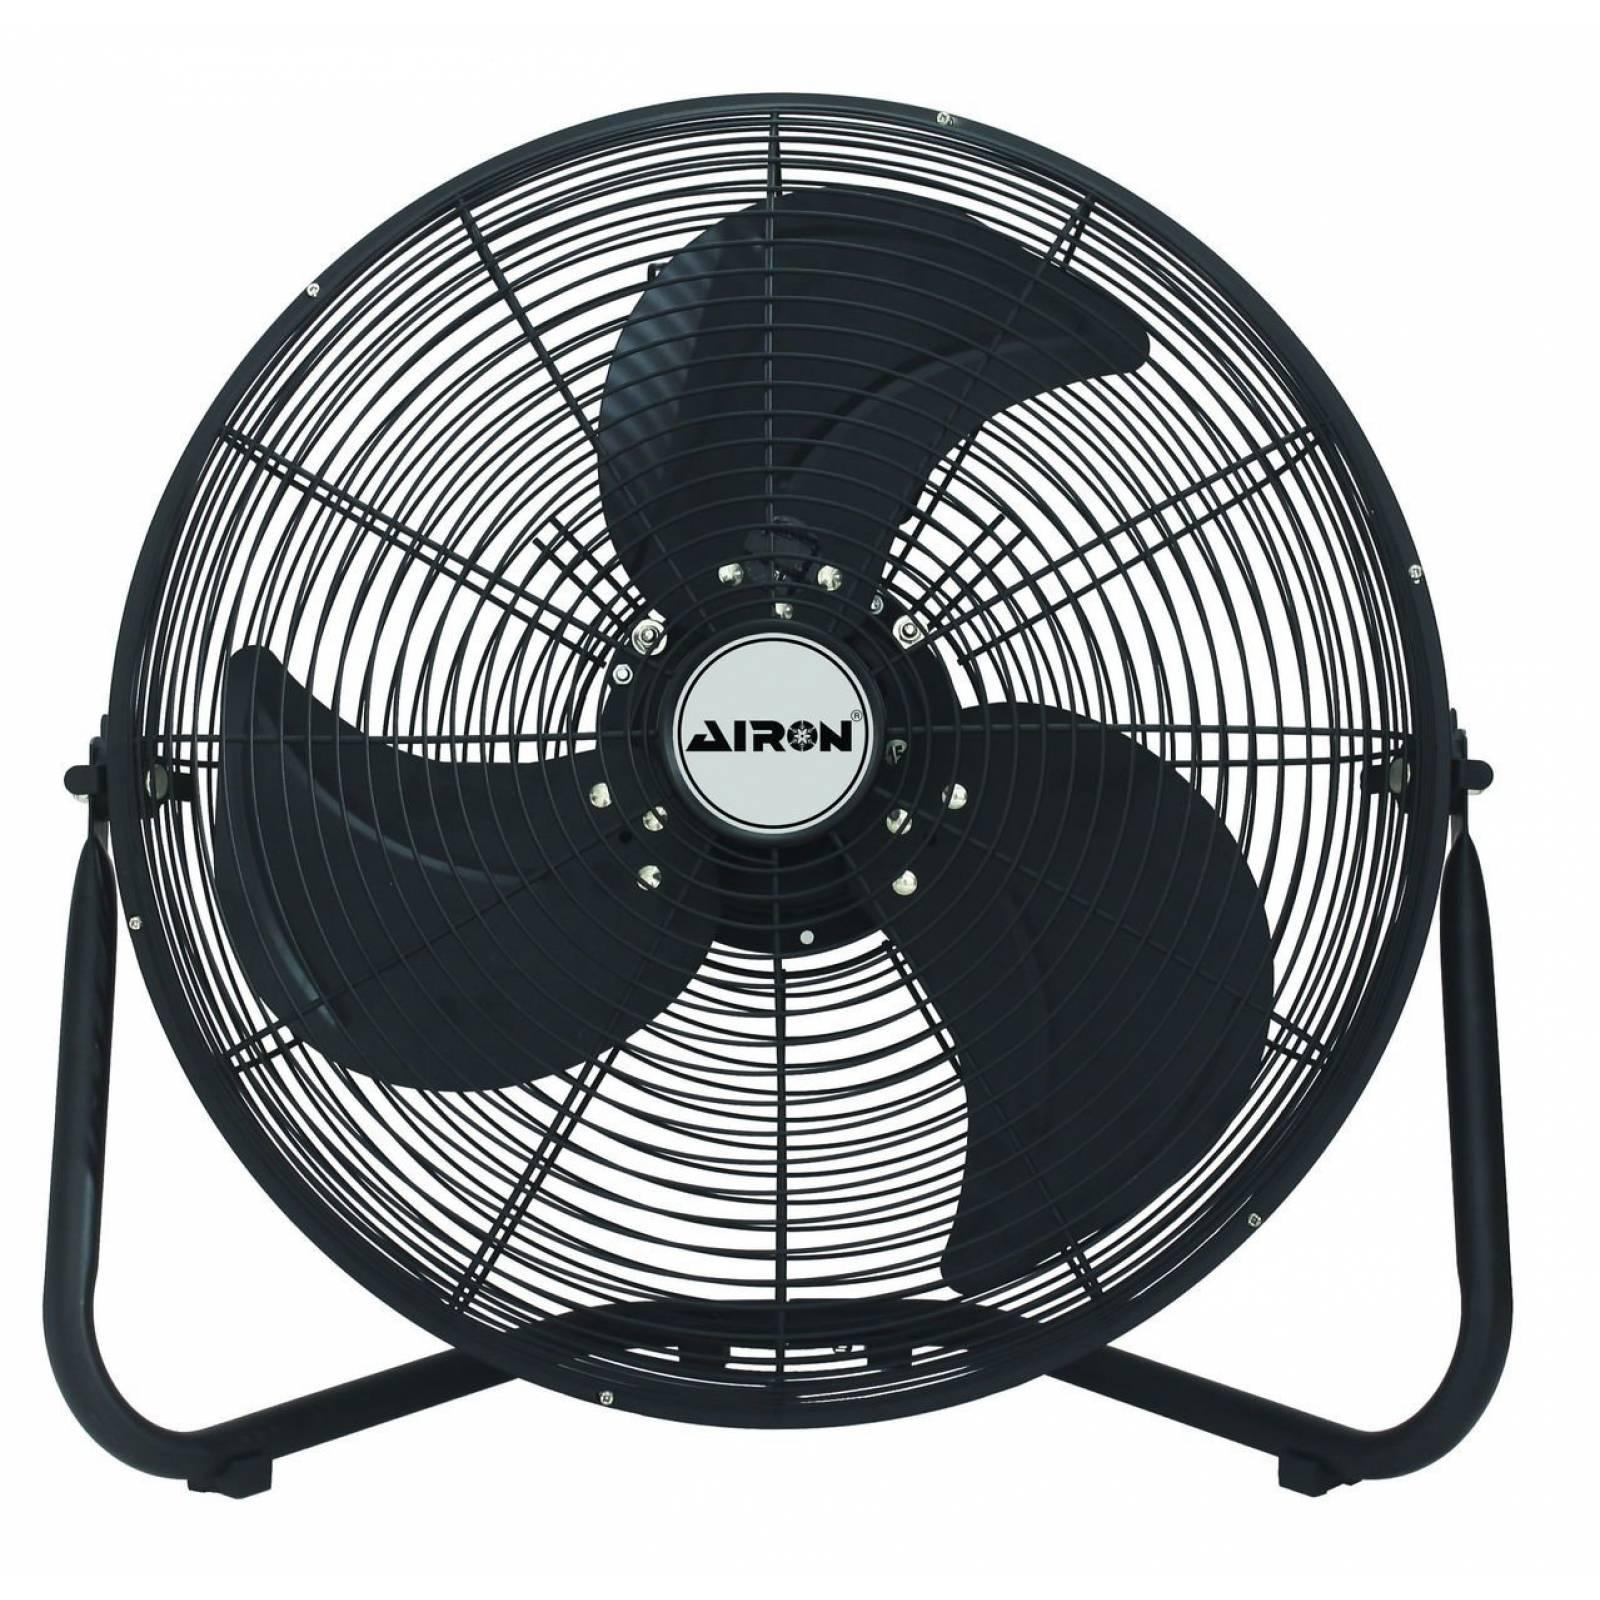 Ventilador Metalico Piso de Alta Potencia 20 GFM-50 AIRON